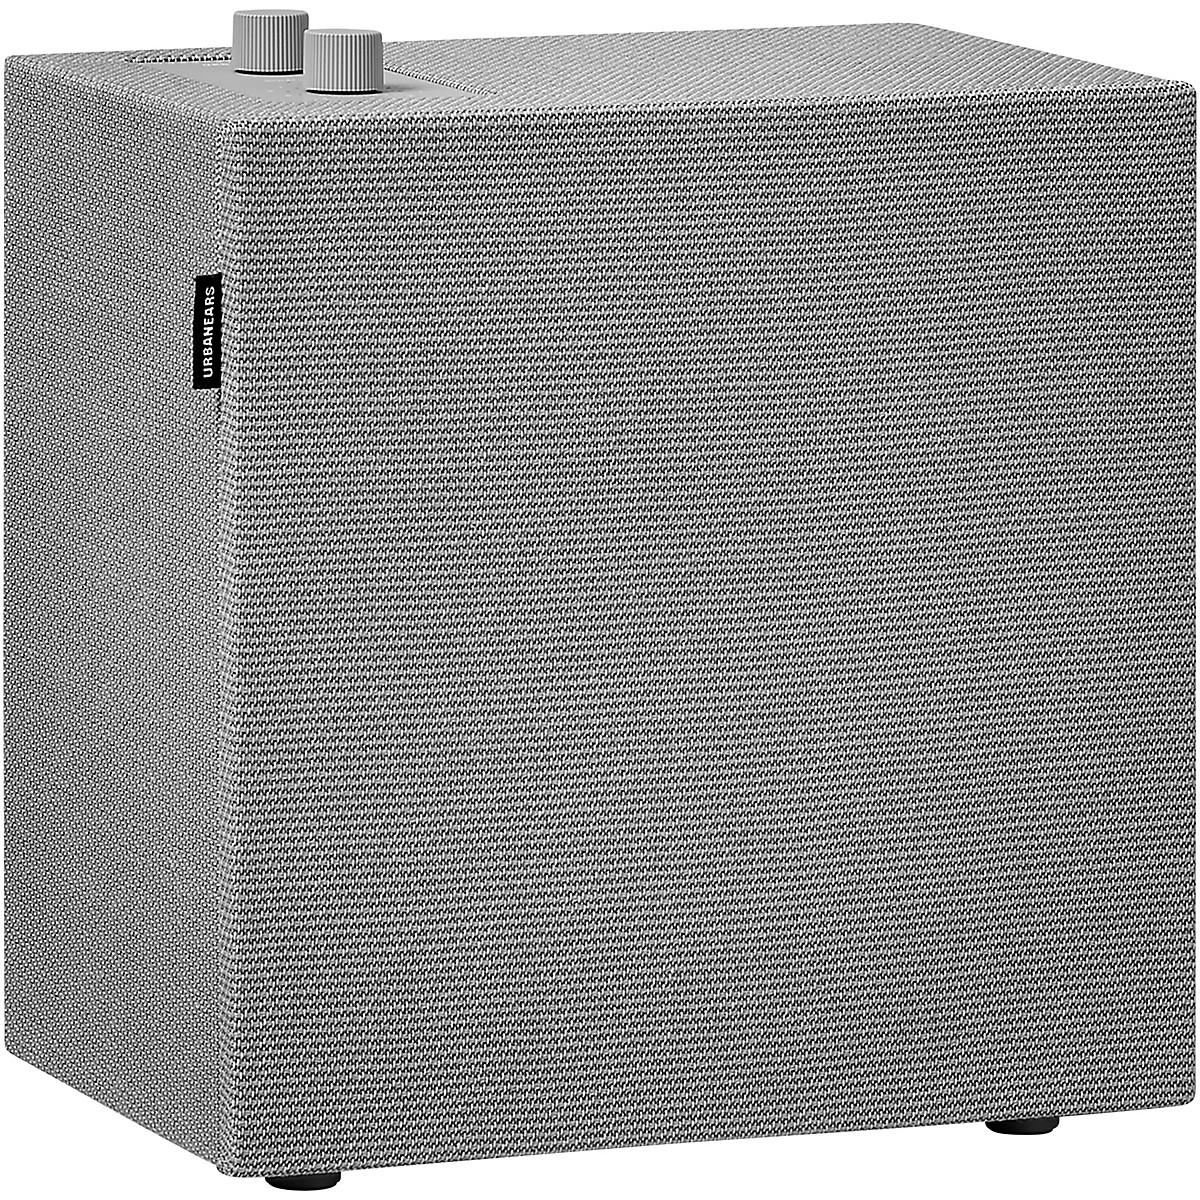 Urbanears Stammen Wireless Bluetooth Speaker